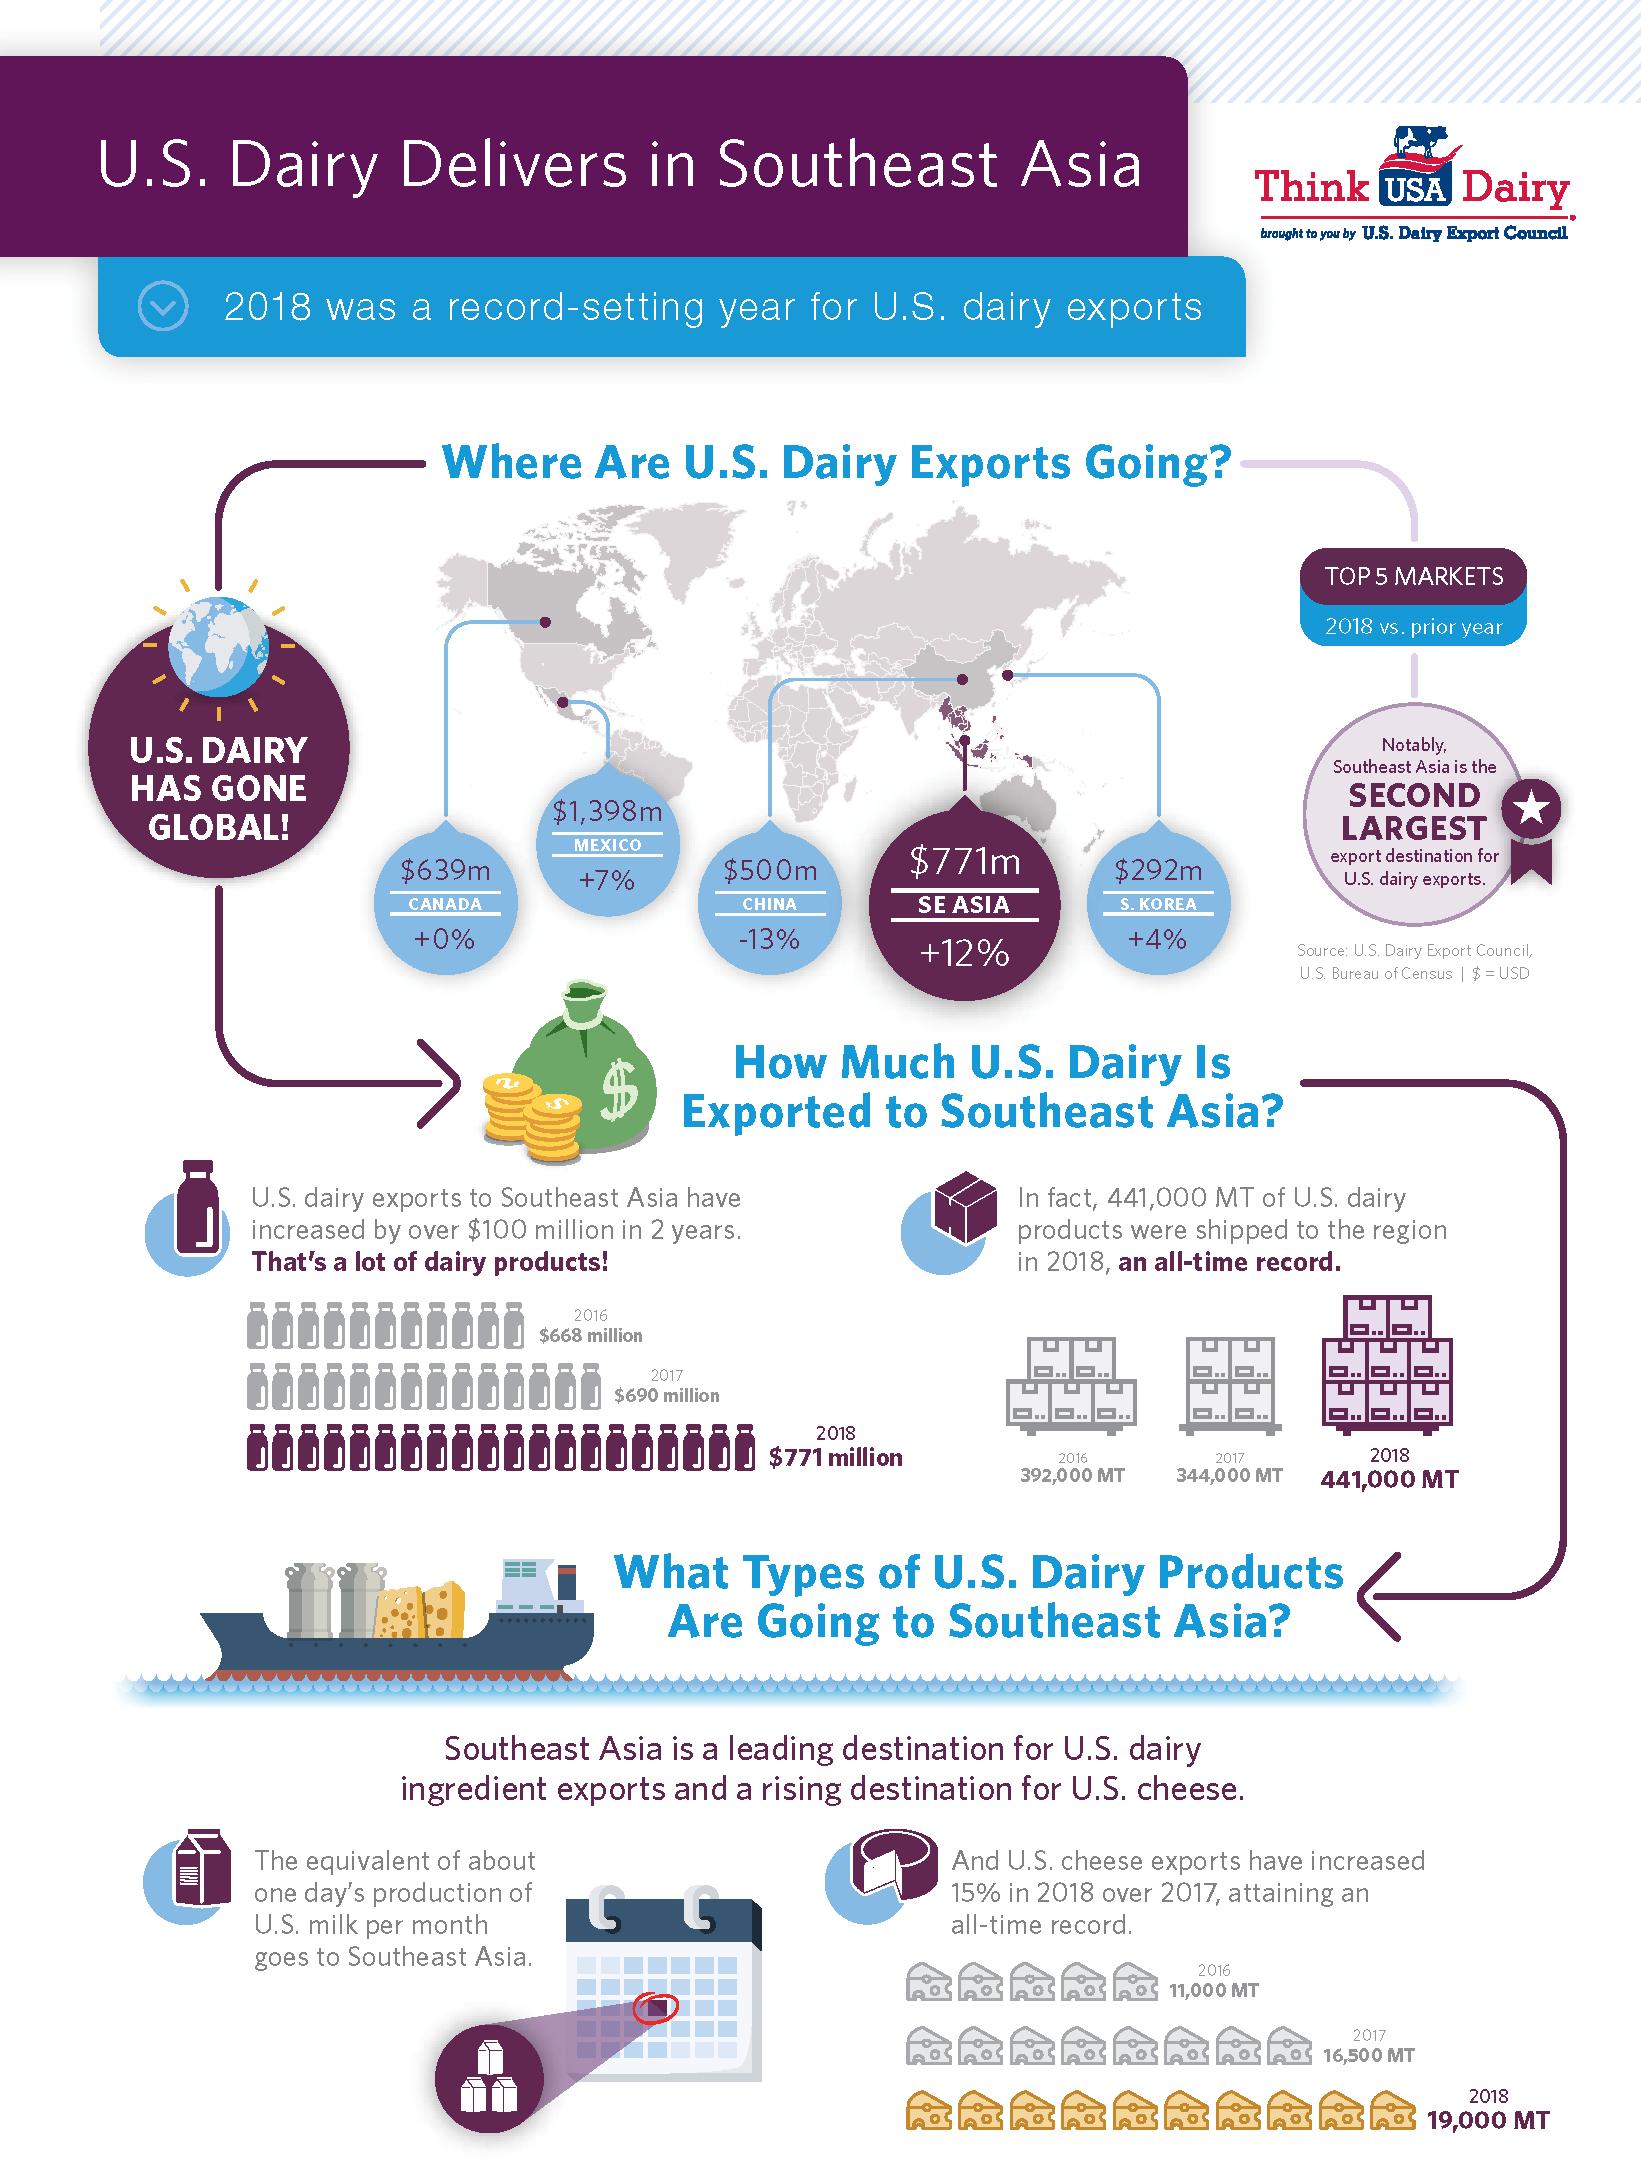 infographic10 (2)